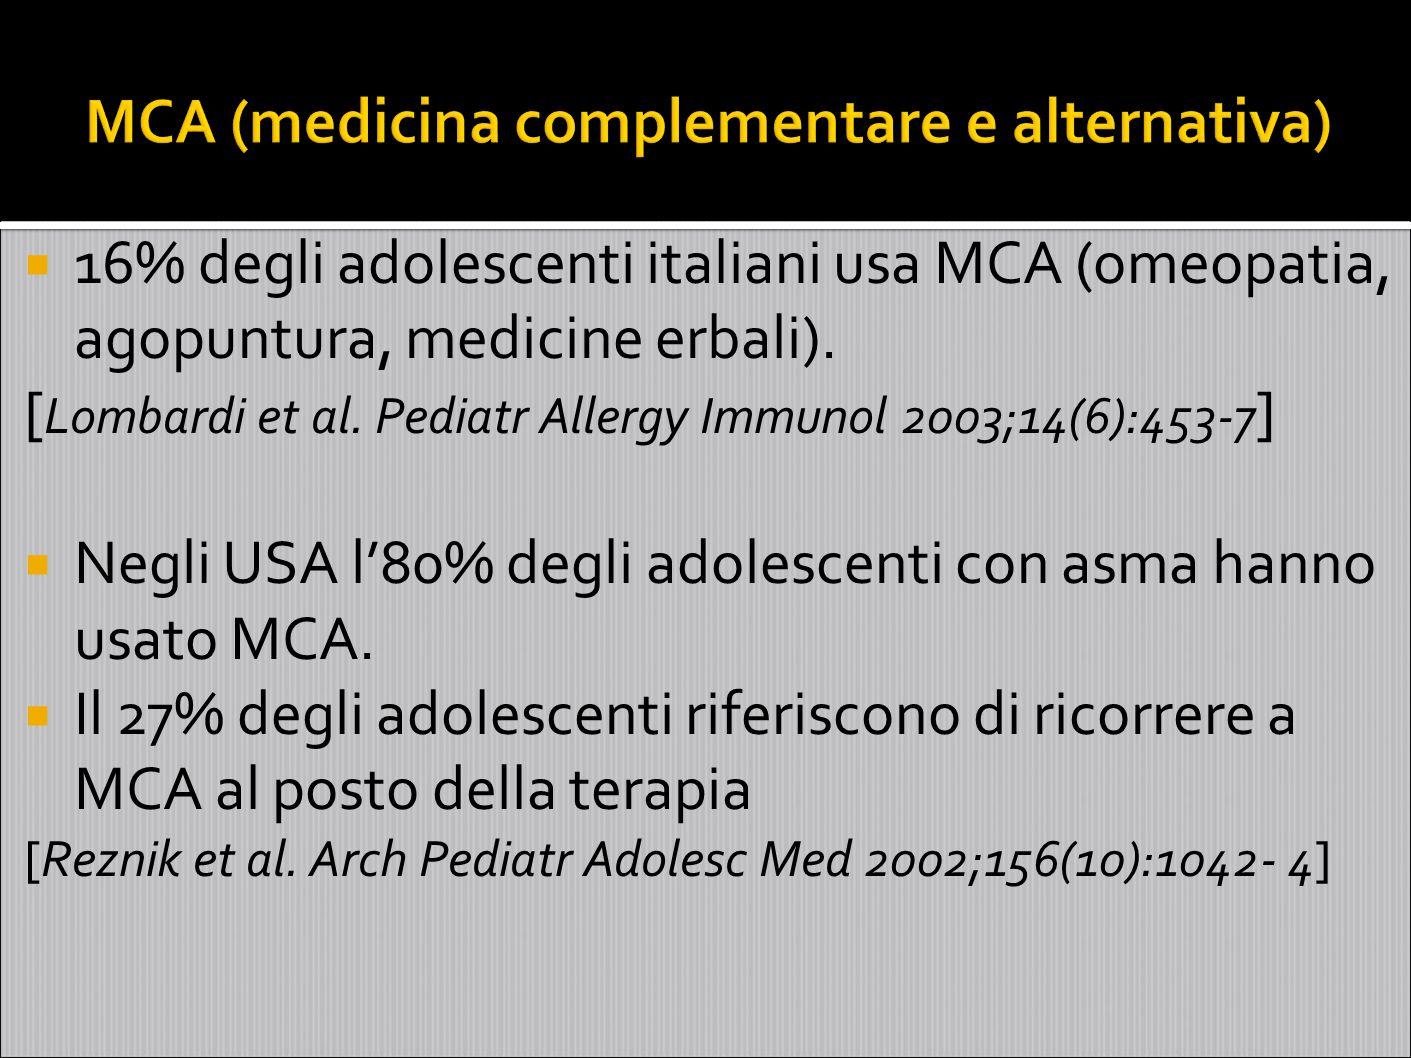 MCA (medicina complementare e alternativa)